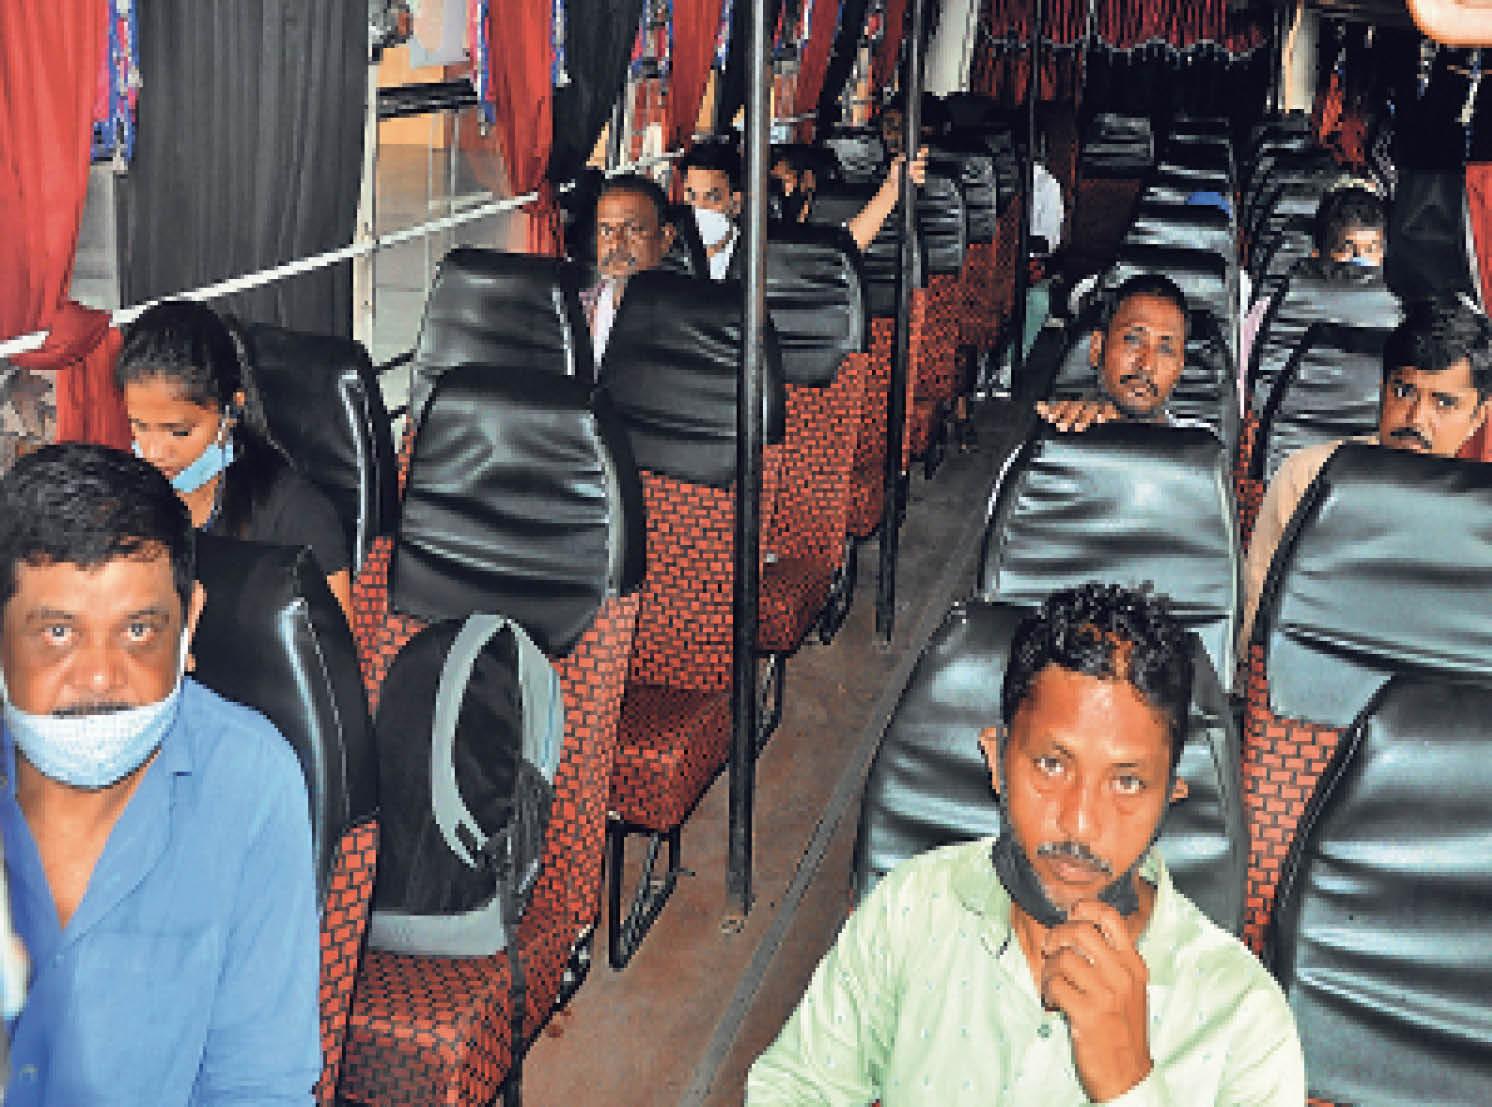 काेराेना में बस किराया बढ़ाने पर है राेक, बस संचालकों ने स्वयं 50 रु. बढ़ा लिये|रांची,Ranchi - Dainik Bhaskar